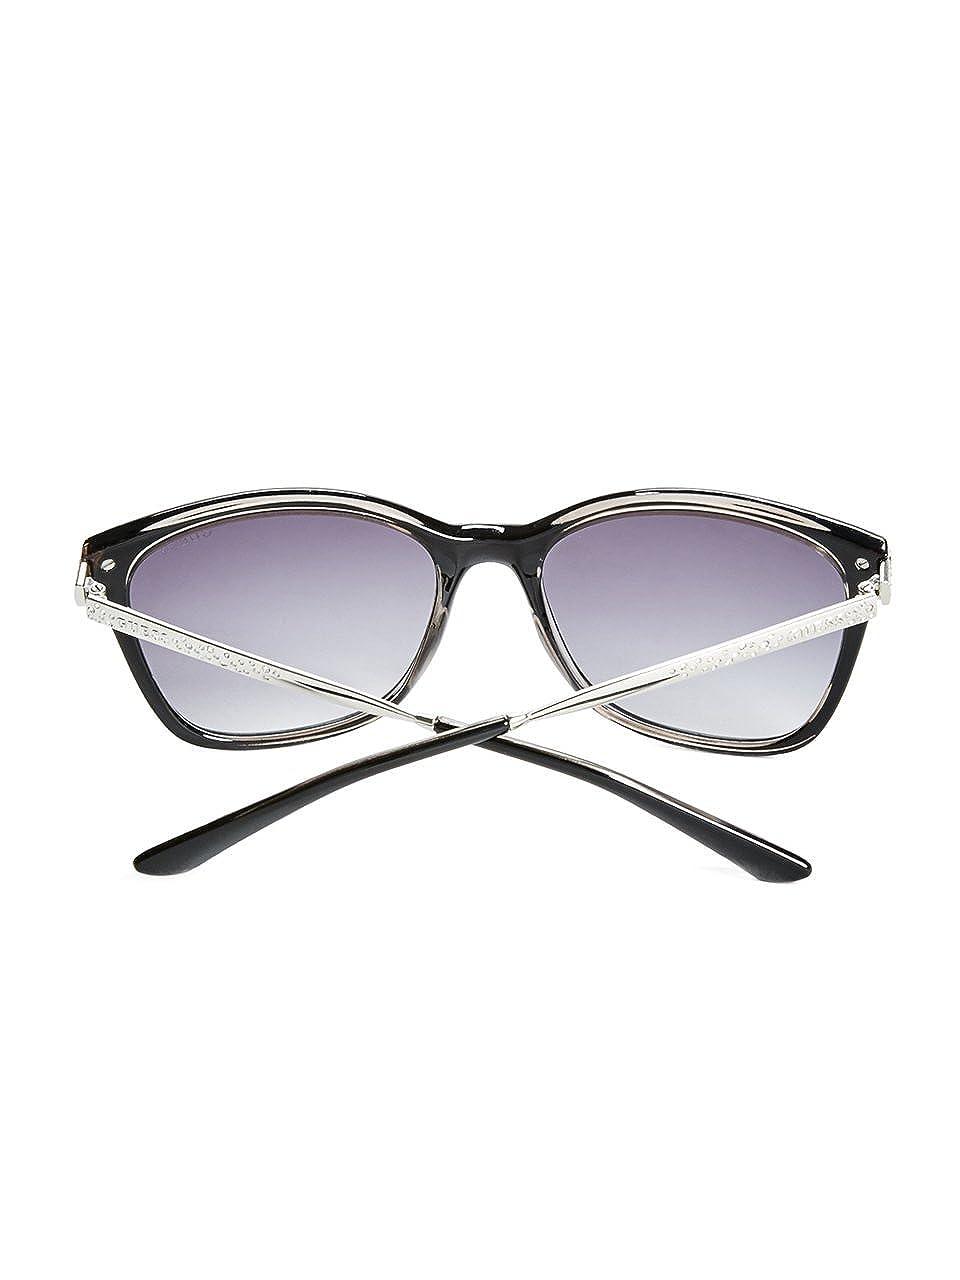 Guess Sonnenbrille GU7483-S